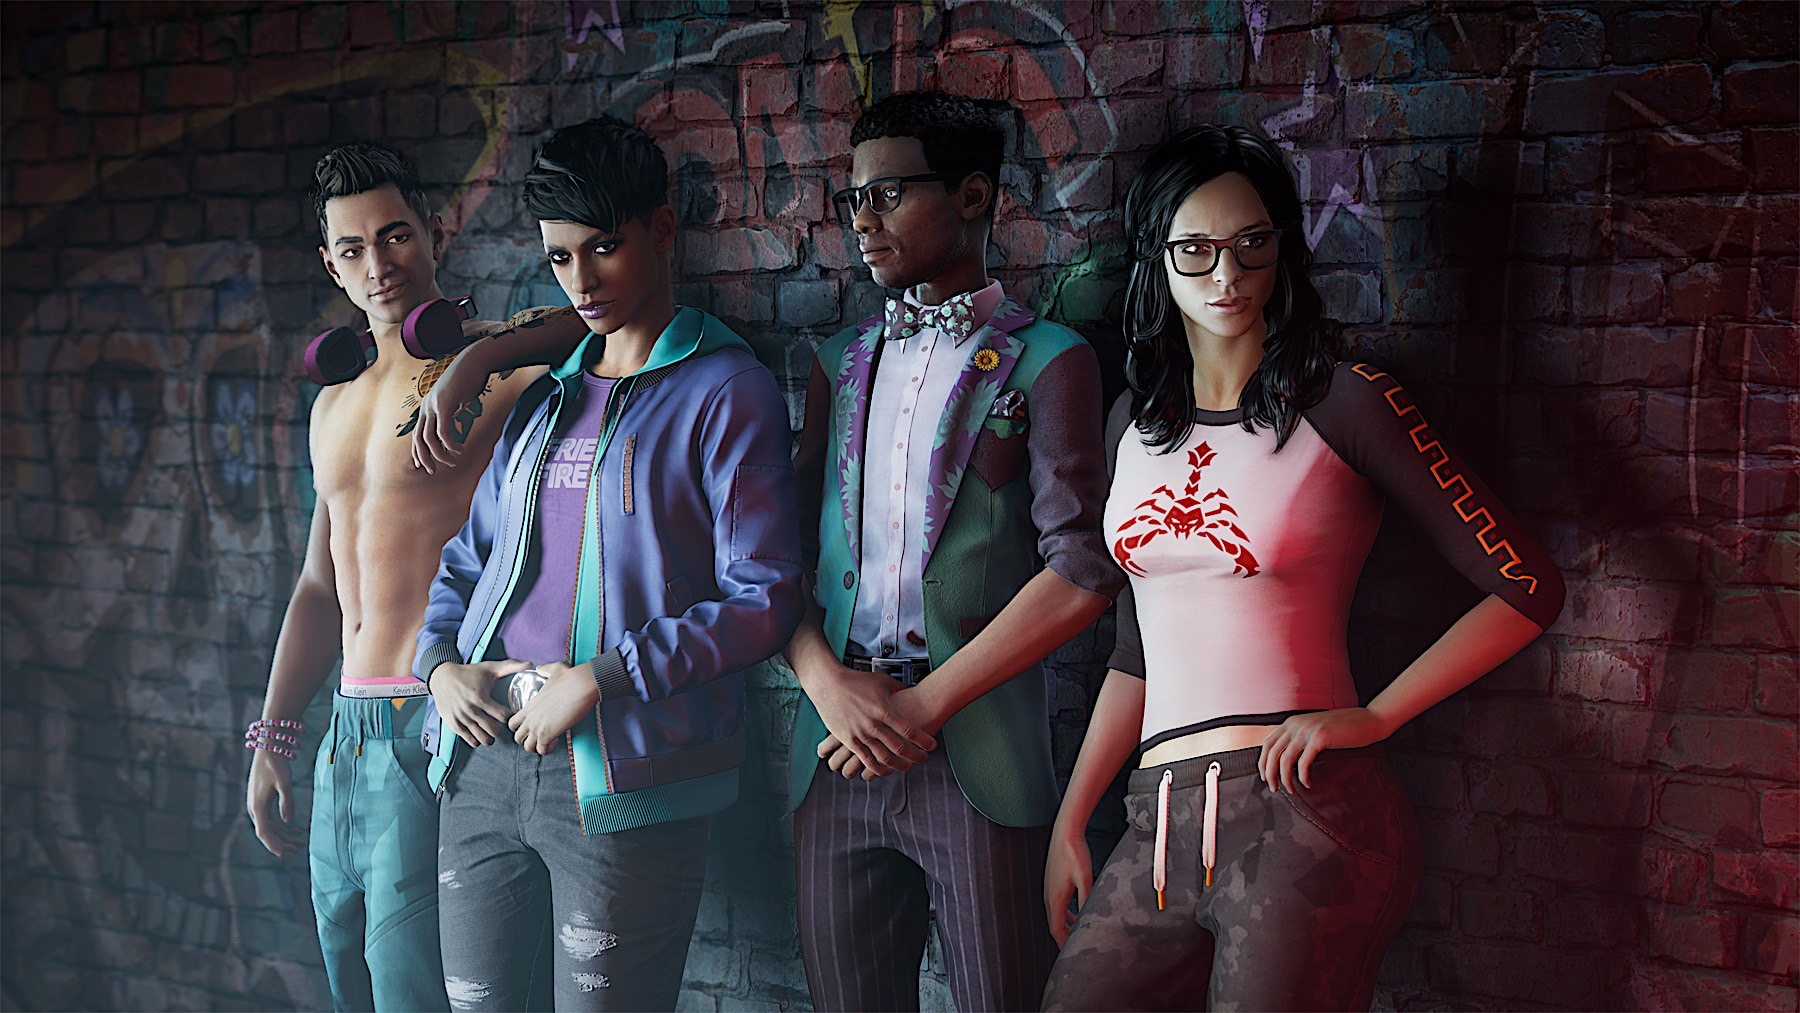 Images of the Saints Row cast